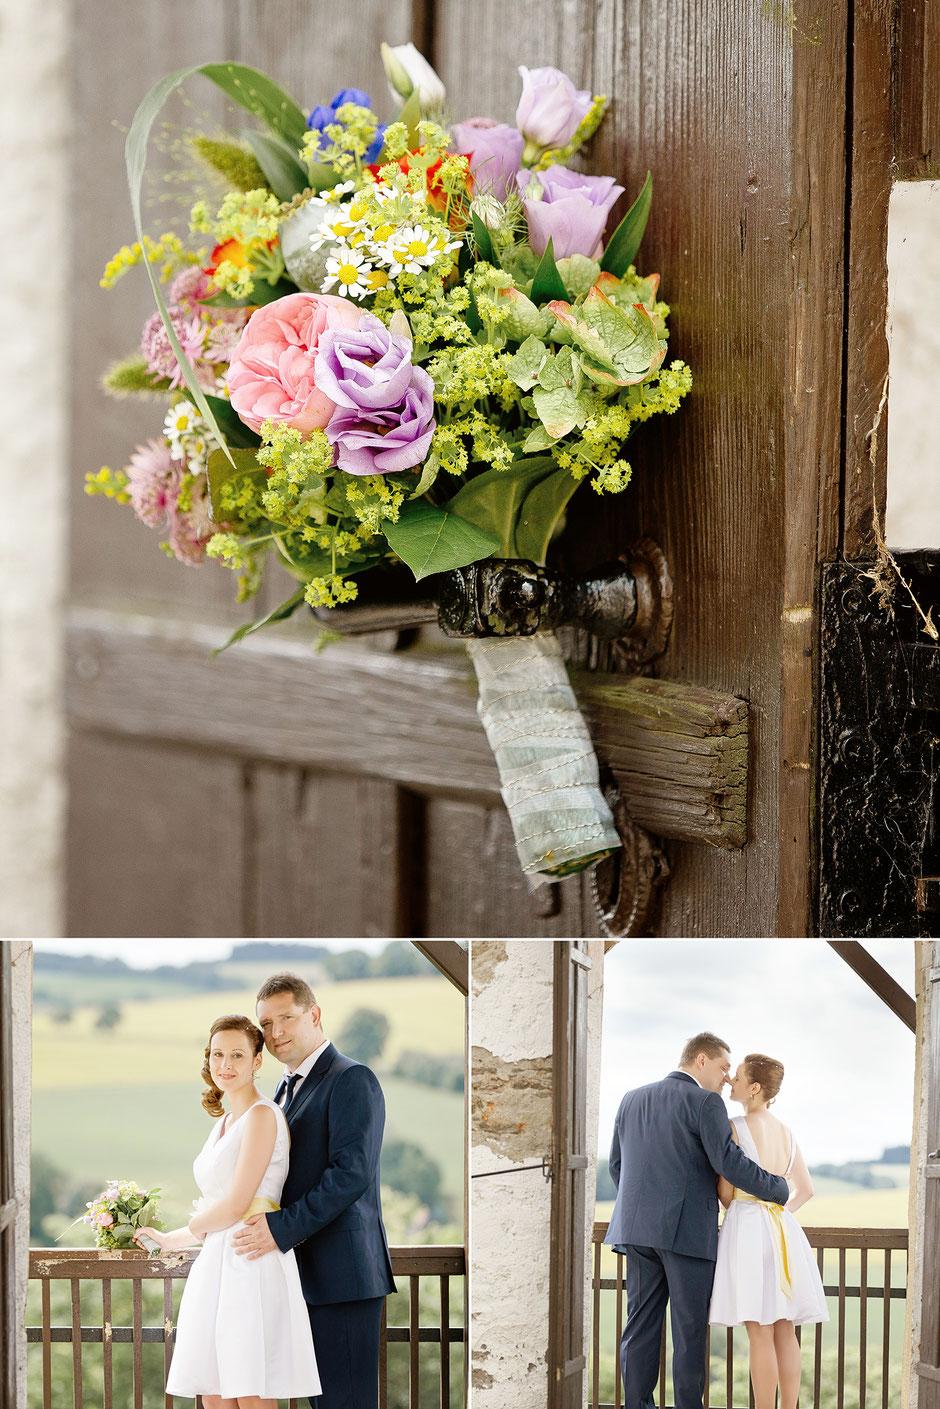 hochzeitsfotos Burg Wolkenstein, Fotos von Hochzeit auf Burg Wolkenstein, hochzeitsfotograf Burg Wolkenstein, Fotograf Wolkenstein